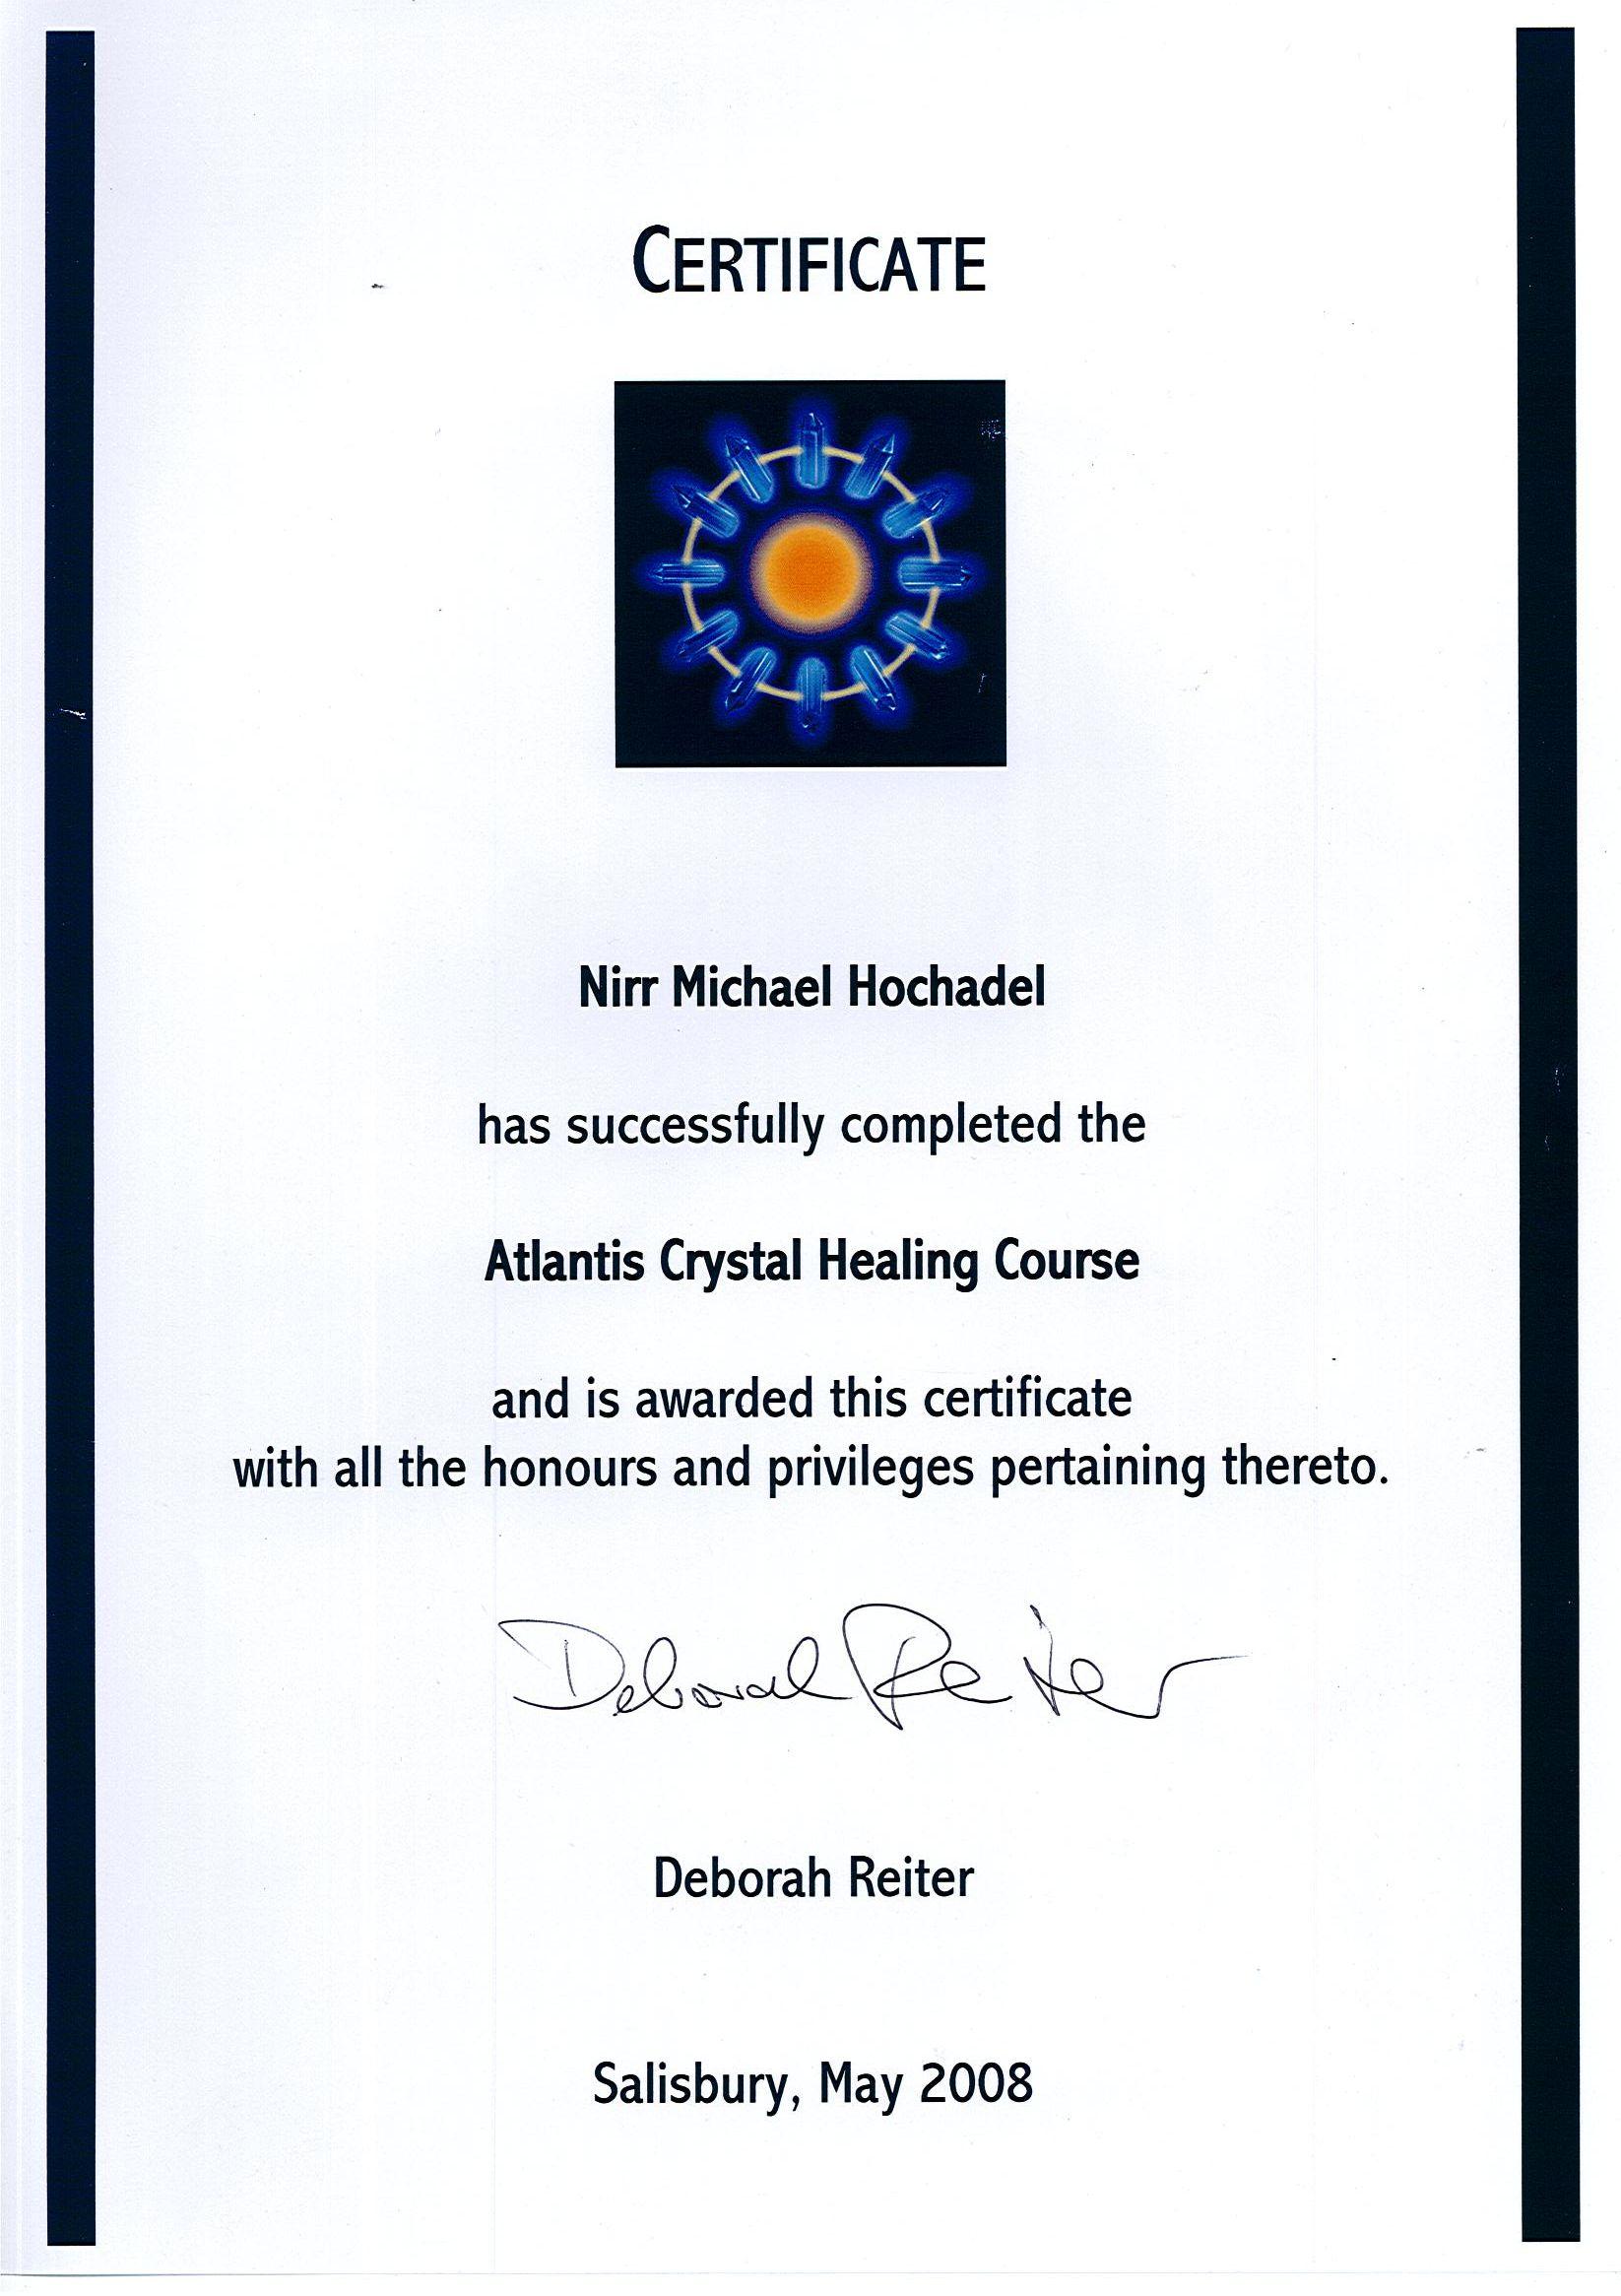 Certificate ACH